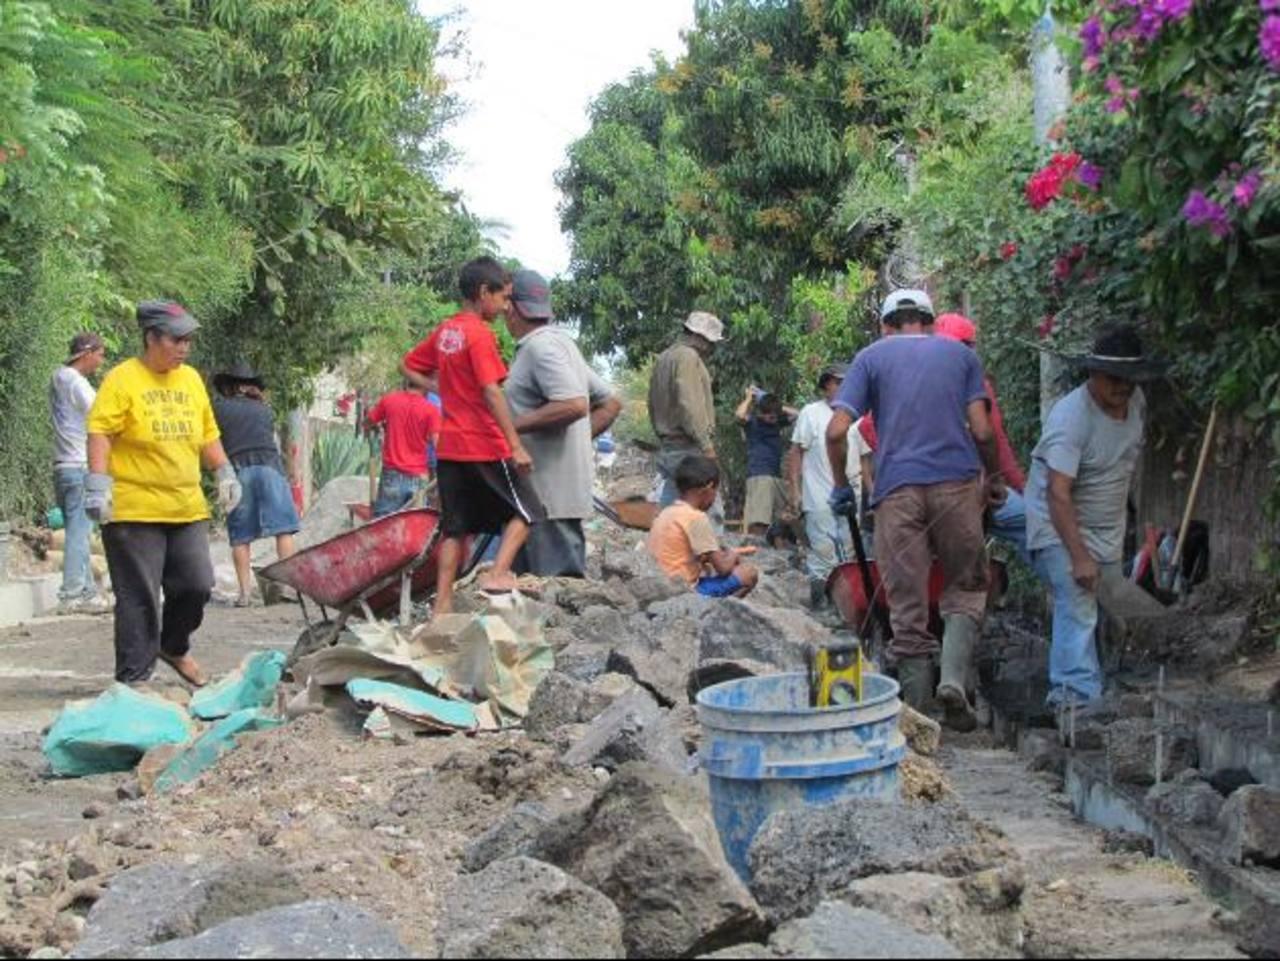 Numerosas personas trabajan en la obra que debe ser terminada antes que se inicie la estación lluviosa. Muchas viviendas del sector resultan inundadas en cada invierno, según señalan los afectados. foto edh / mauricio guevara